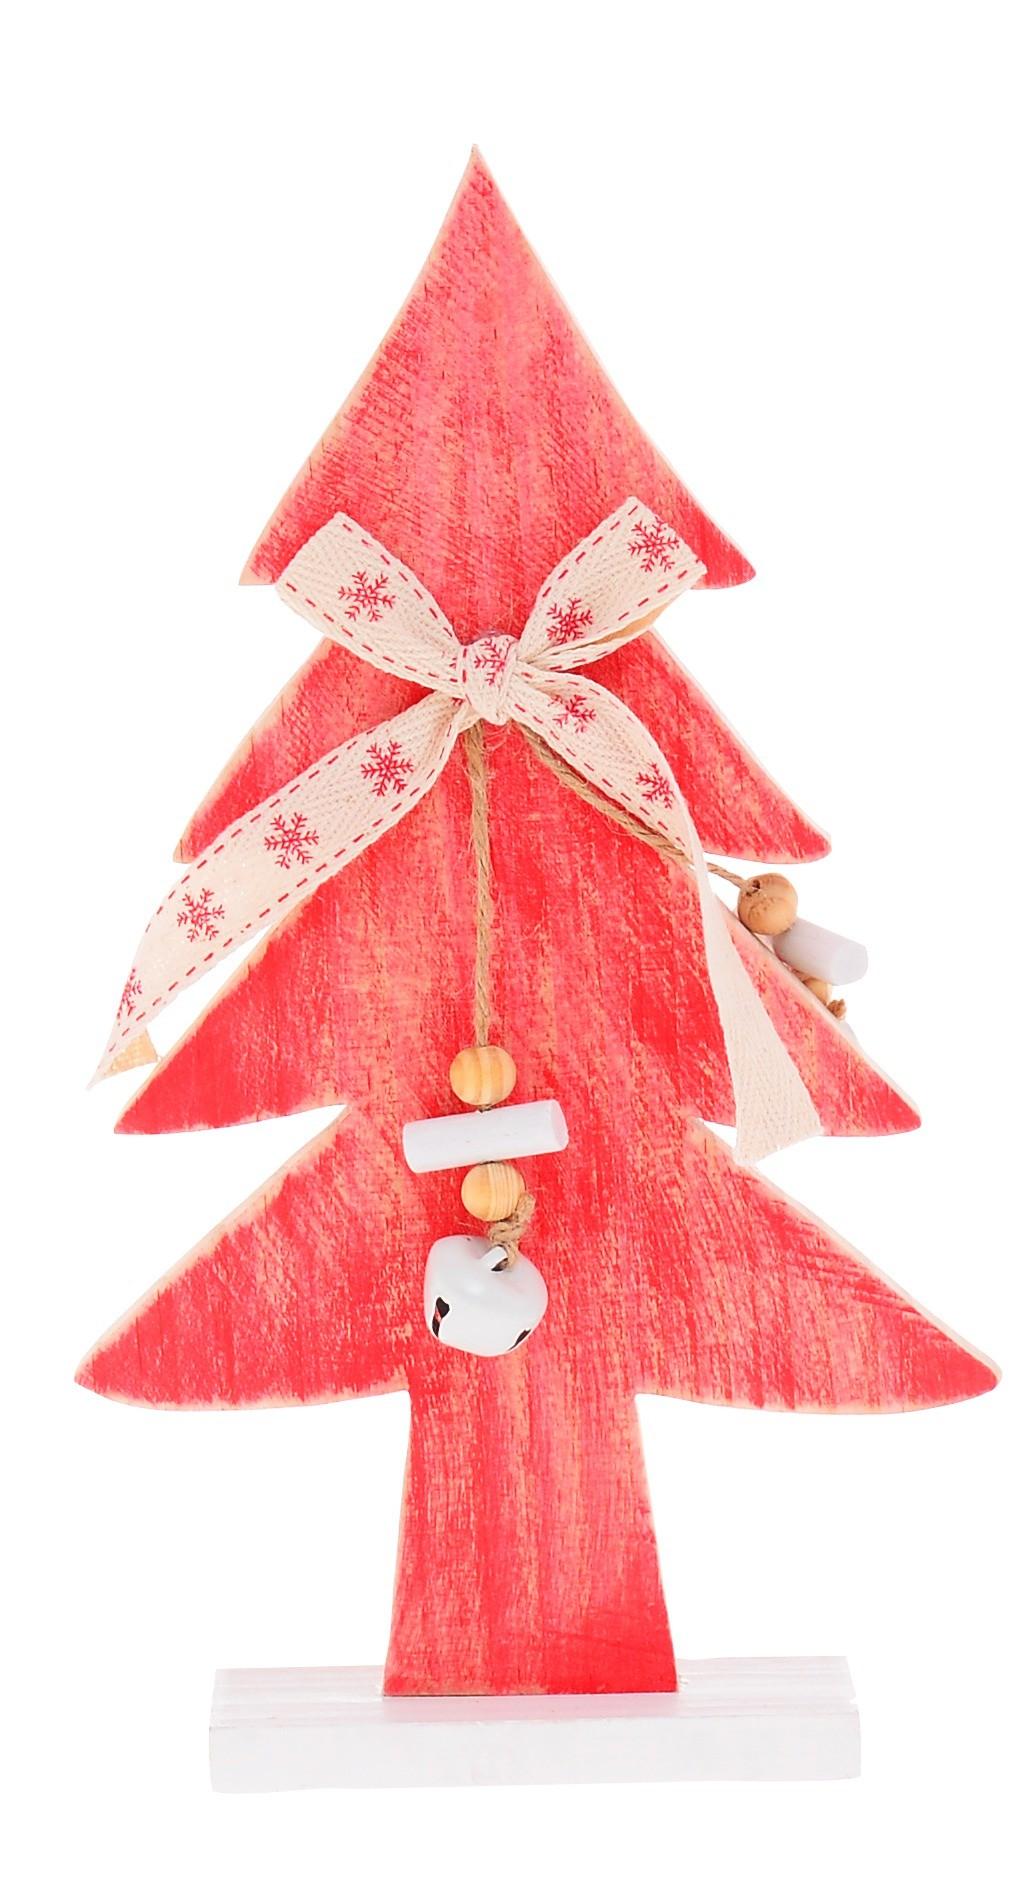 ξύλινο Διακοσμητικό Δεντράκι Κόκκινο home   χριστουγεννιατικα